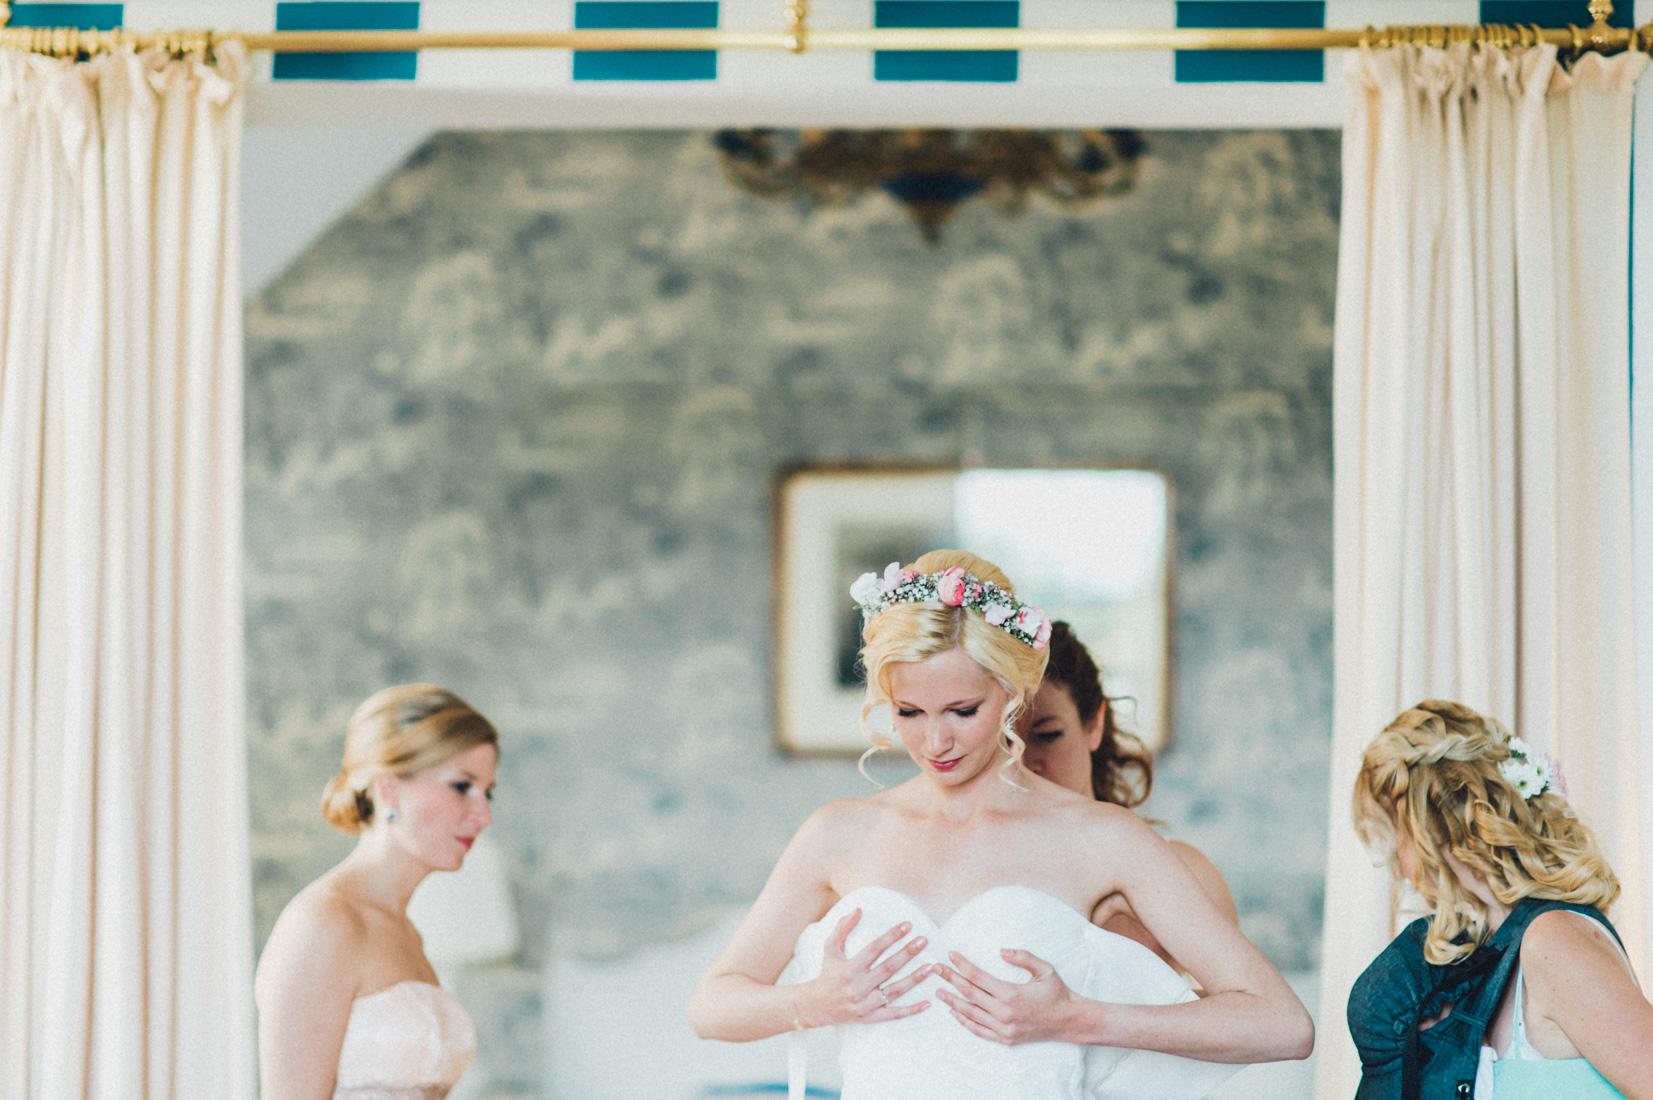 pastel-vintage-hertefeld-54 hochzeitsfotograf schloss hertefeldGalina & Robert DIY Pastel Vintage Hochzeit auf Schloss Hertefeldpastel vintage hertefeld 54